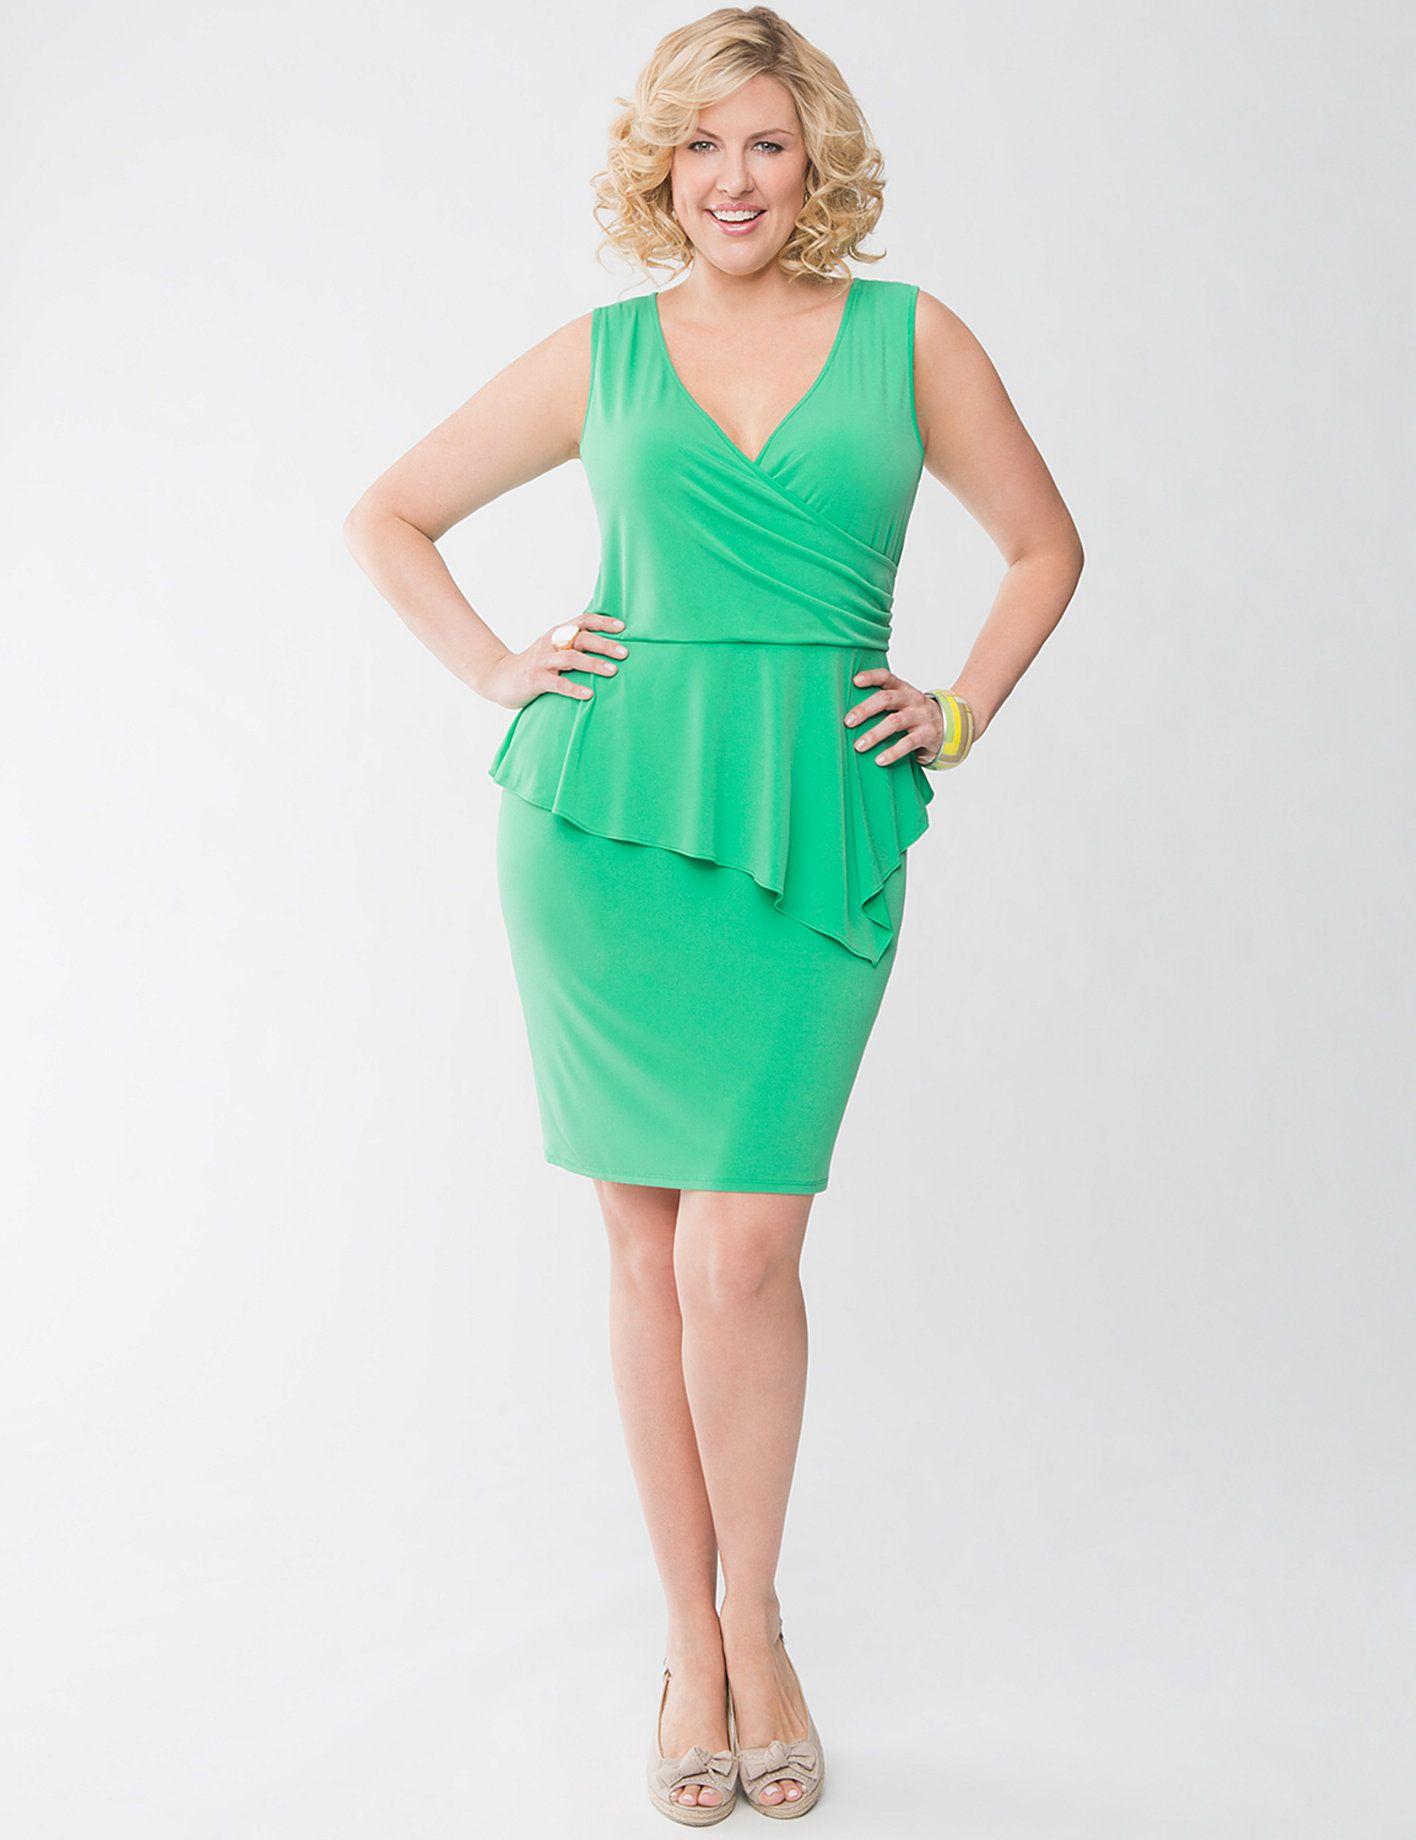 833fe44406c Dresses for short and fat ladies hosszú bandeau ruha corsets ...